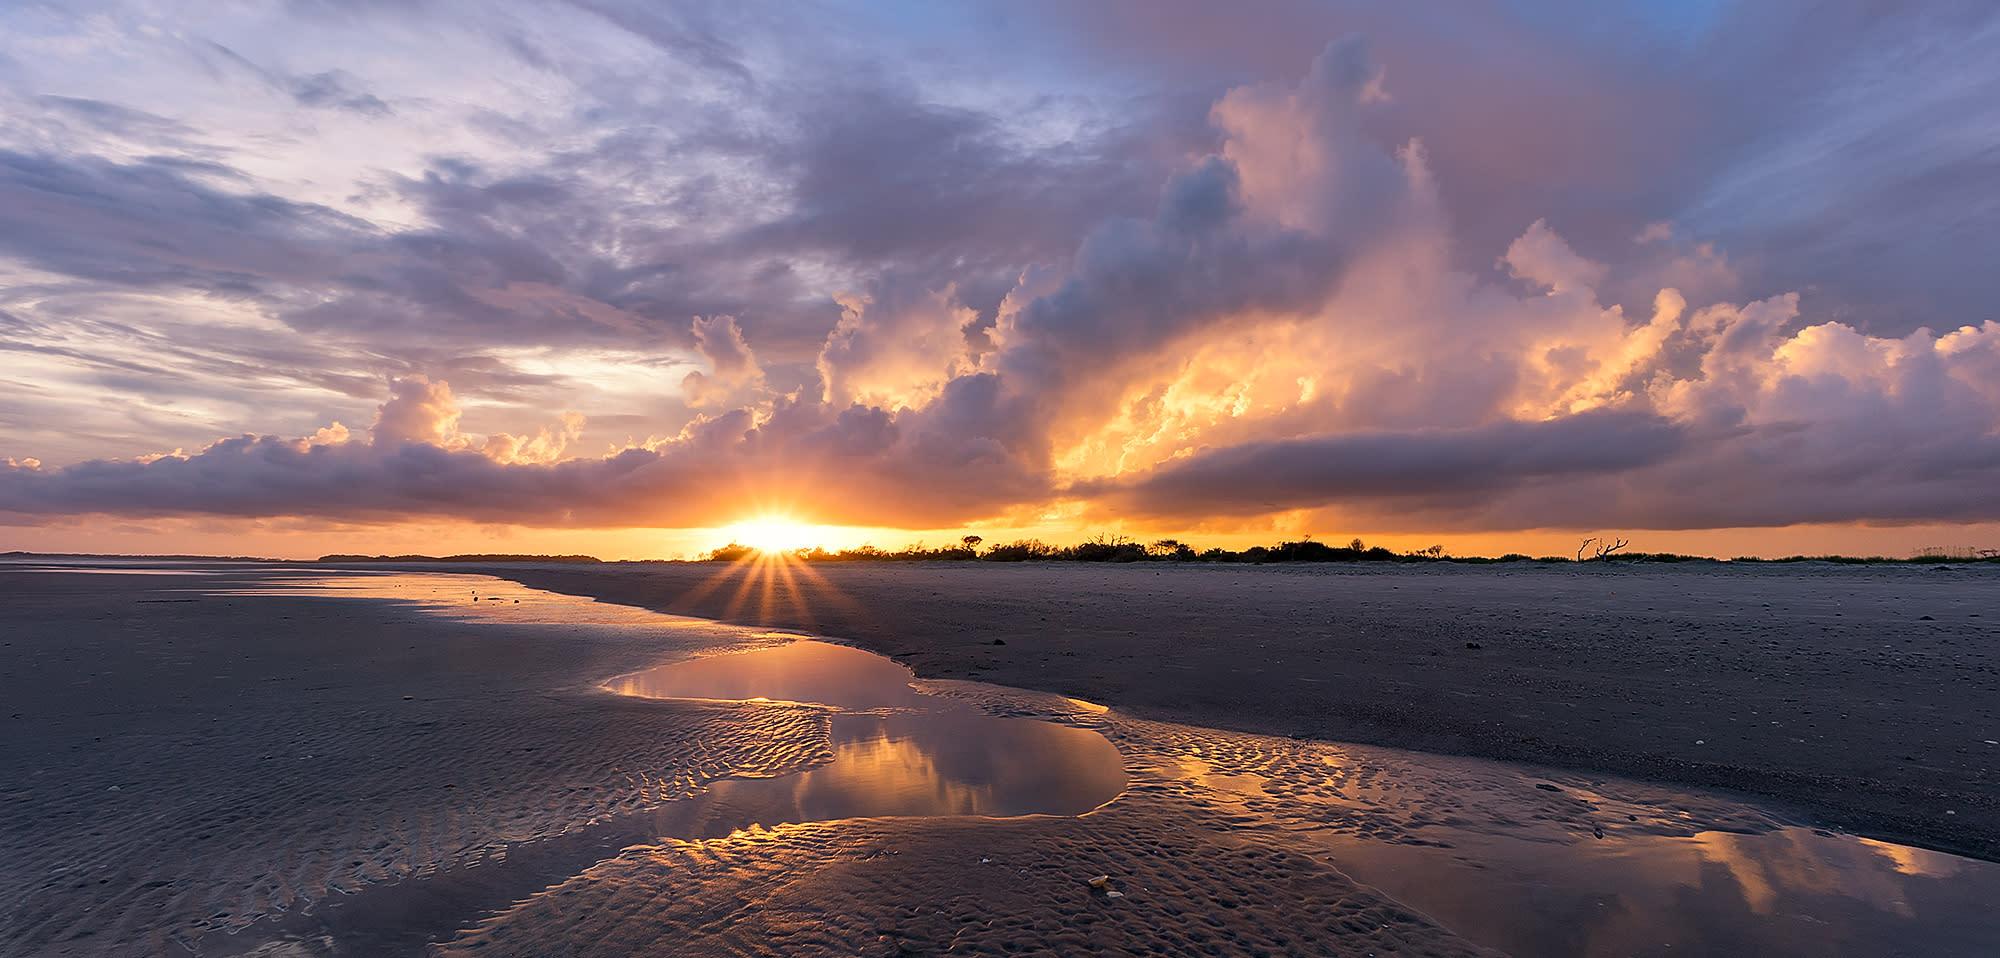 <div class='title'>           Folly Beach Sunset Fire Sky copy         </div>